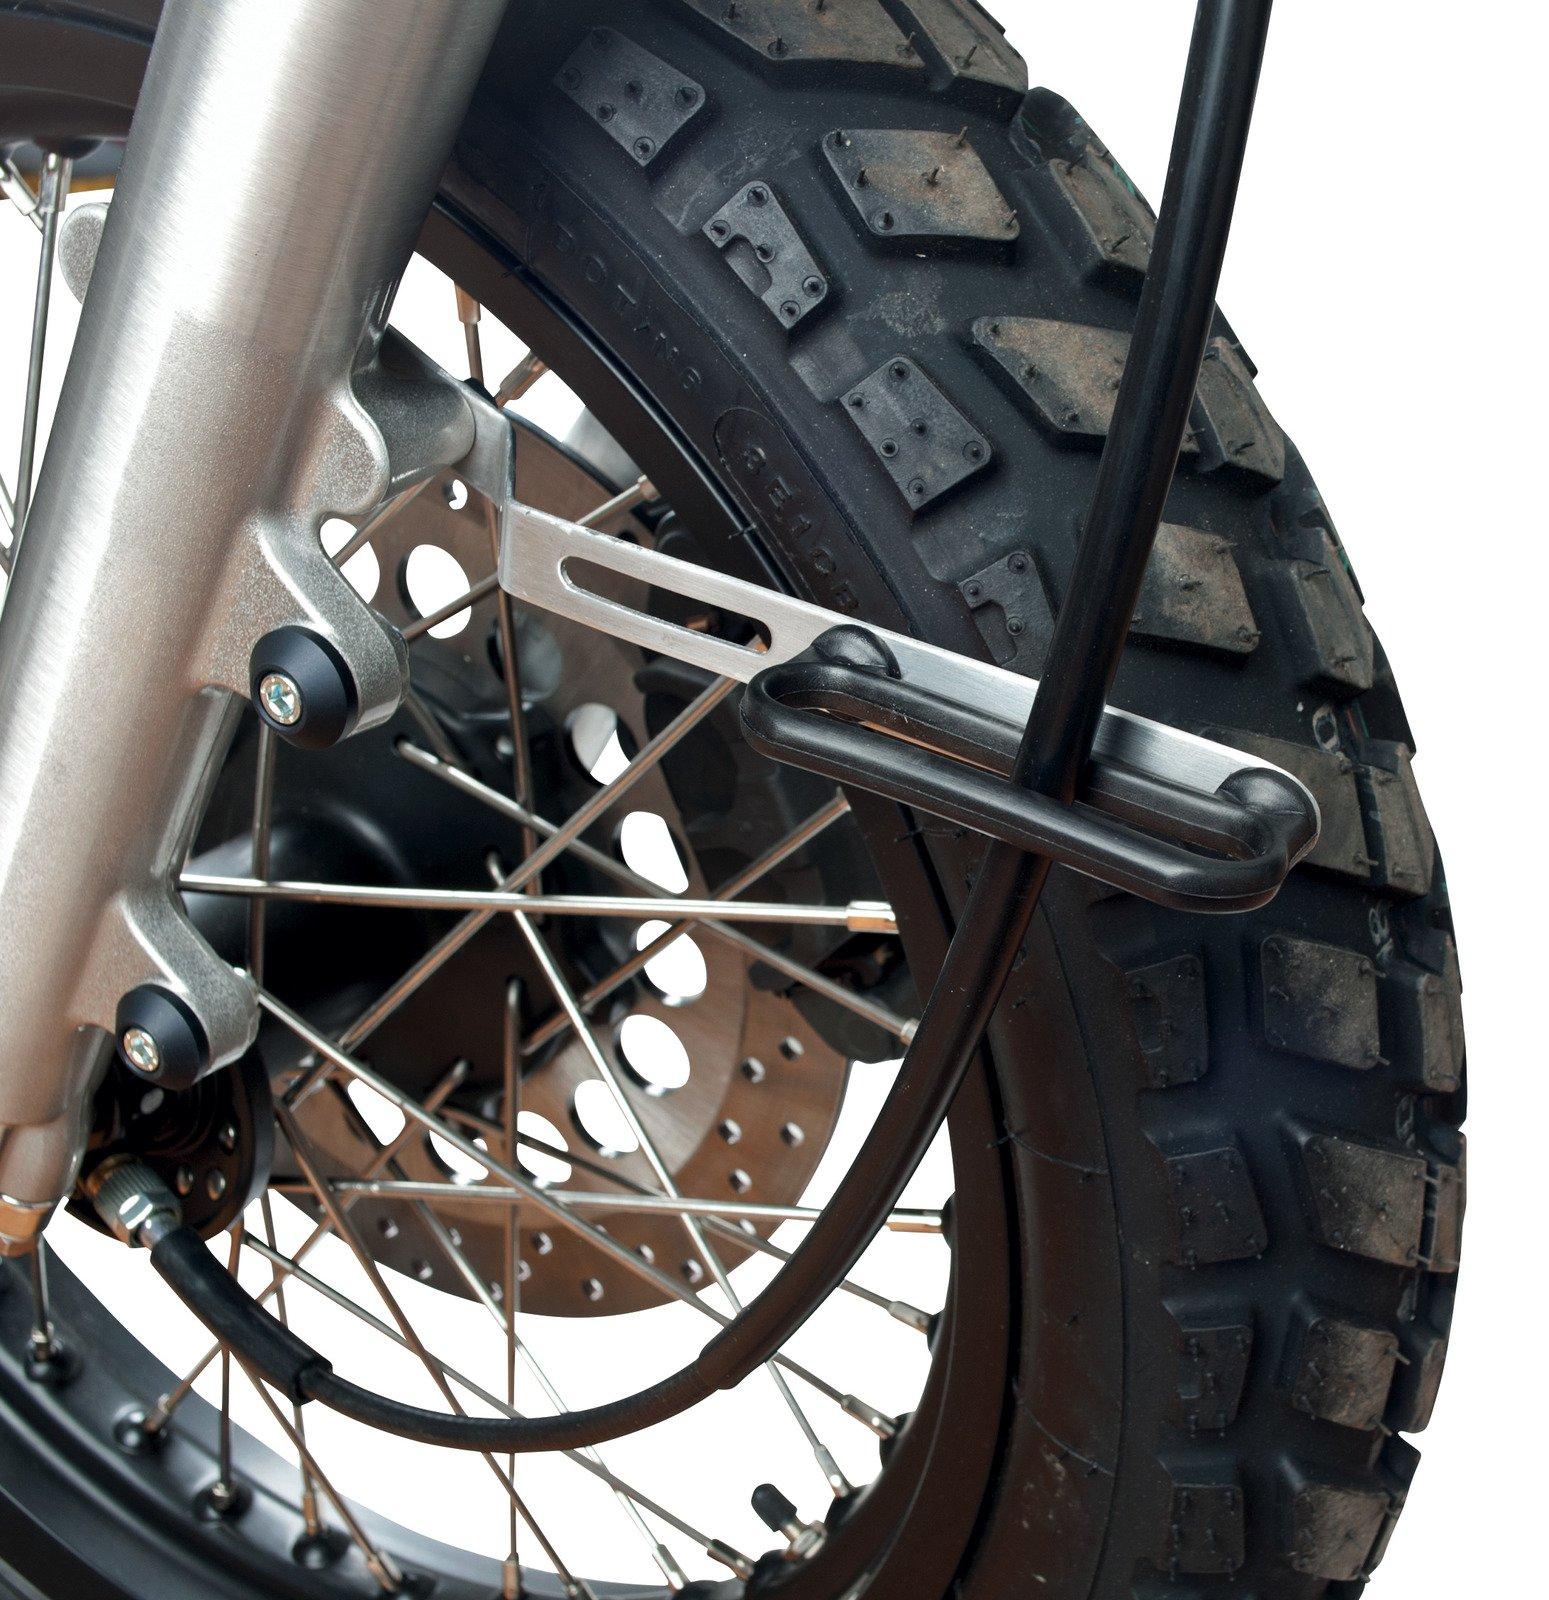 Yamaha SR400 & SR500 GibbonSlap Speedometer Bracket Guide (E.g. Front Fender WM0013) 22060